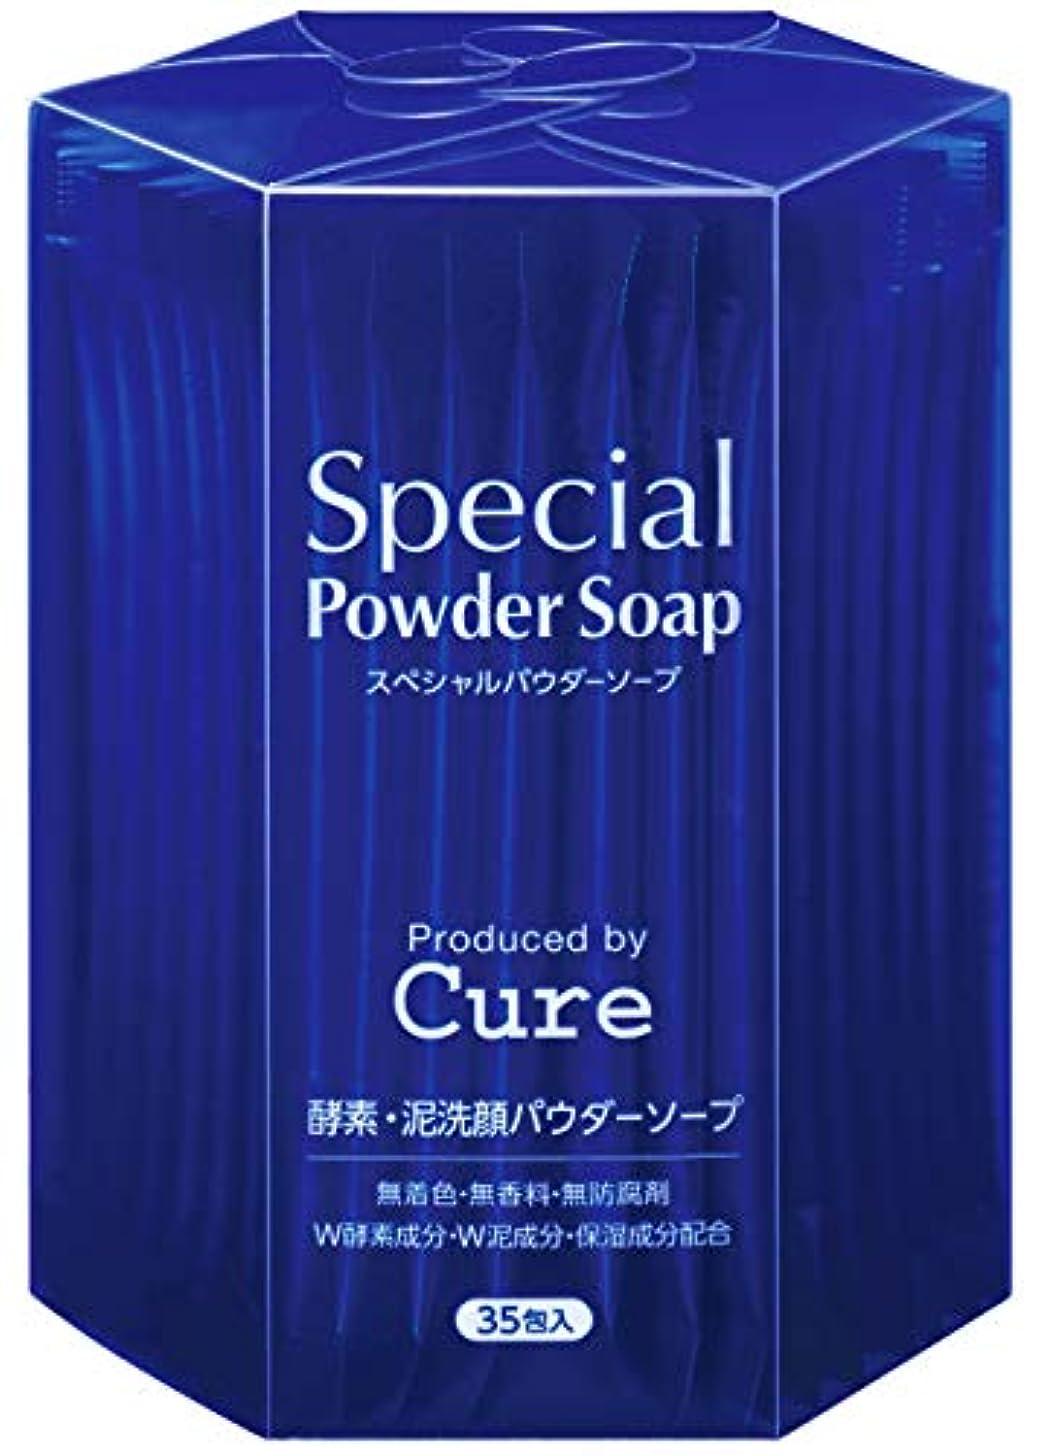 殺す囲まれた雰囲気Cure(キュア) 酵素洗顔 Special Powder Soap Cure スペシャルパウダーソープキュア 0.6g×35包 g×35包